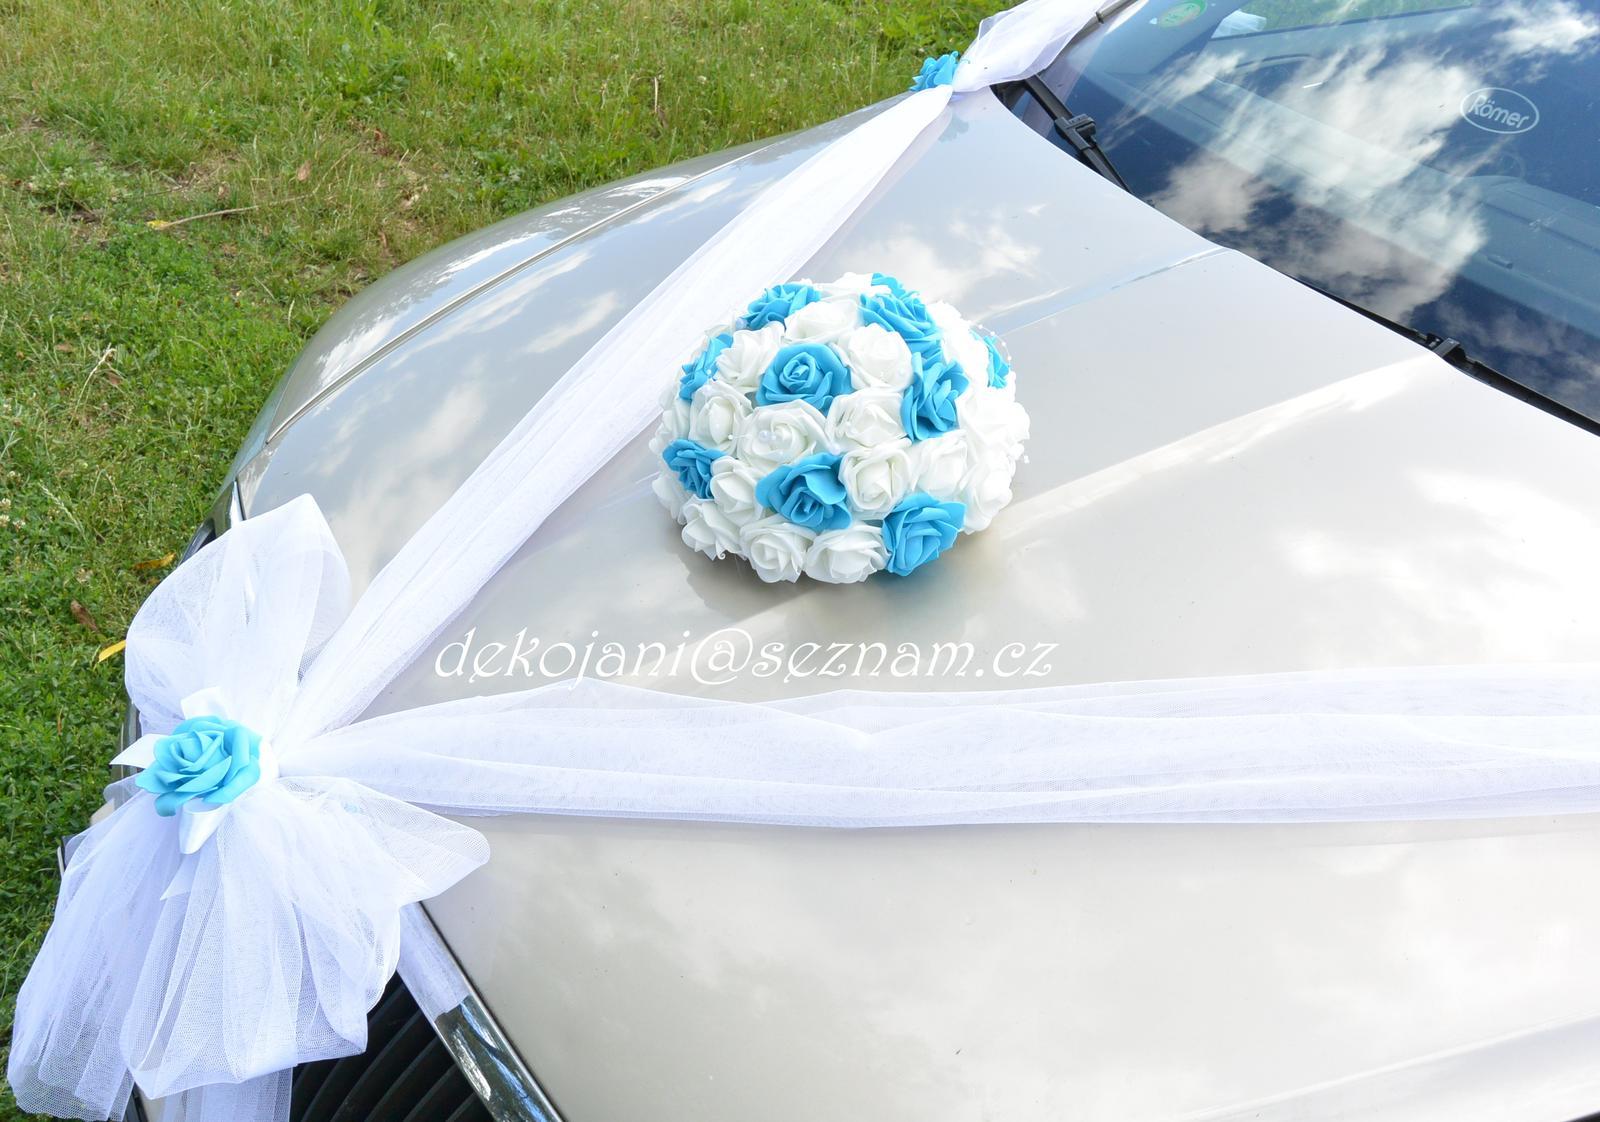 Komplet dekorace na auto nevěsty - Obrázek č. 1